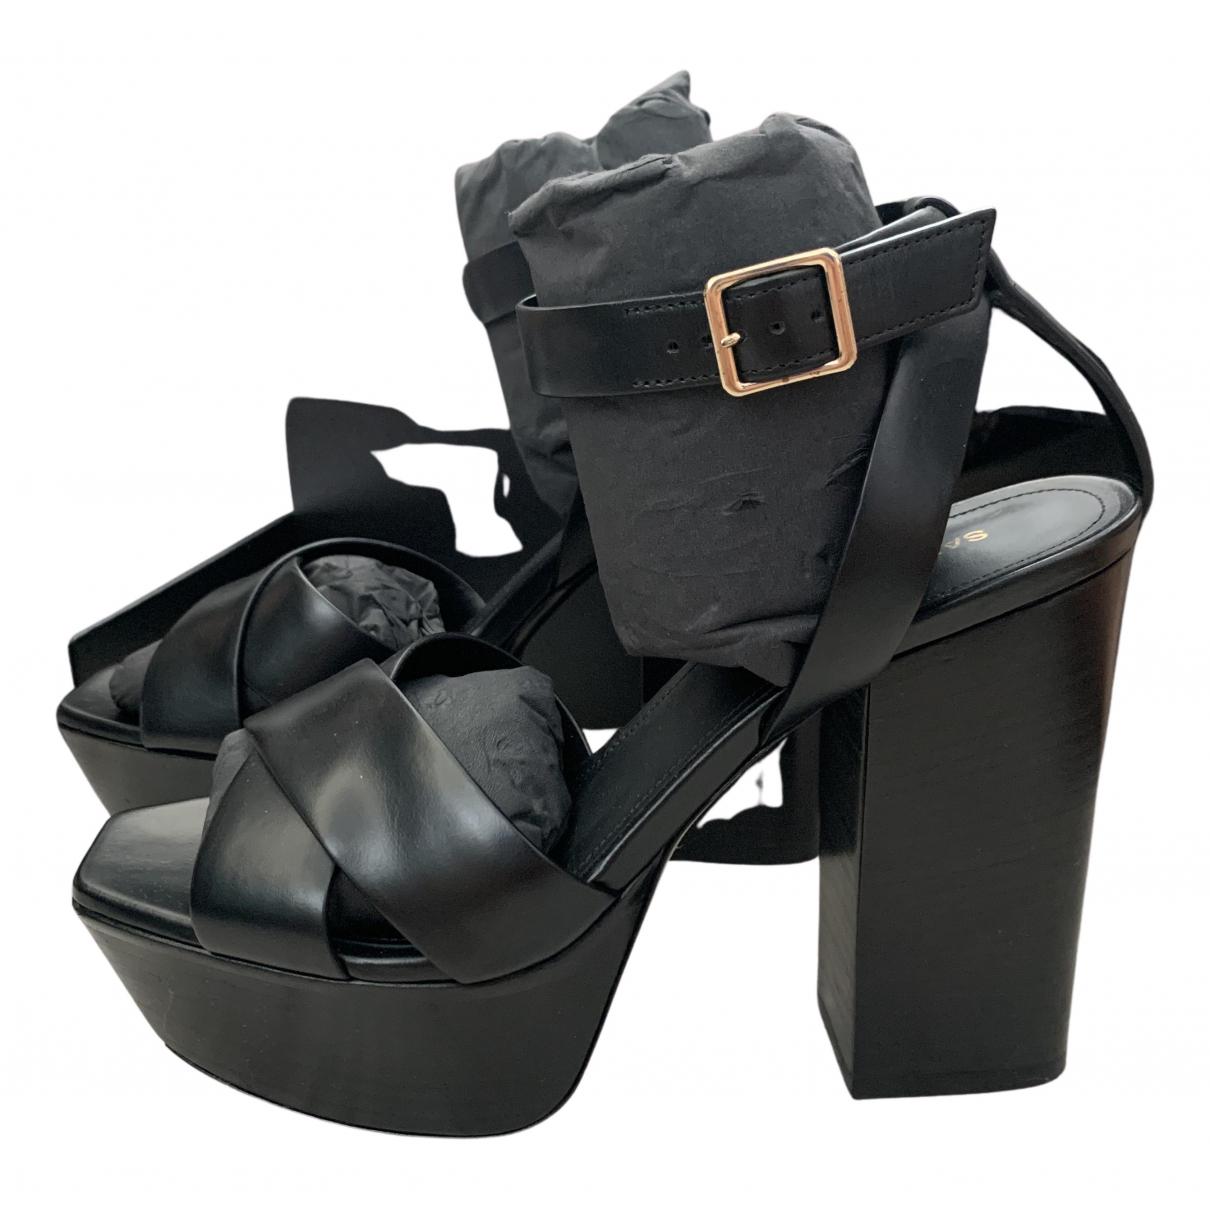 Saint Laurent N Black Leather Sandals for Women 37 EU